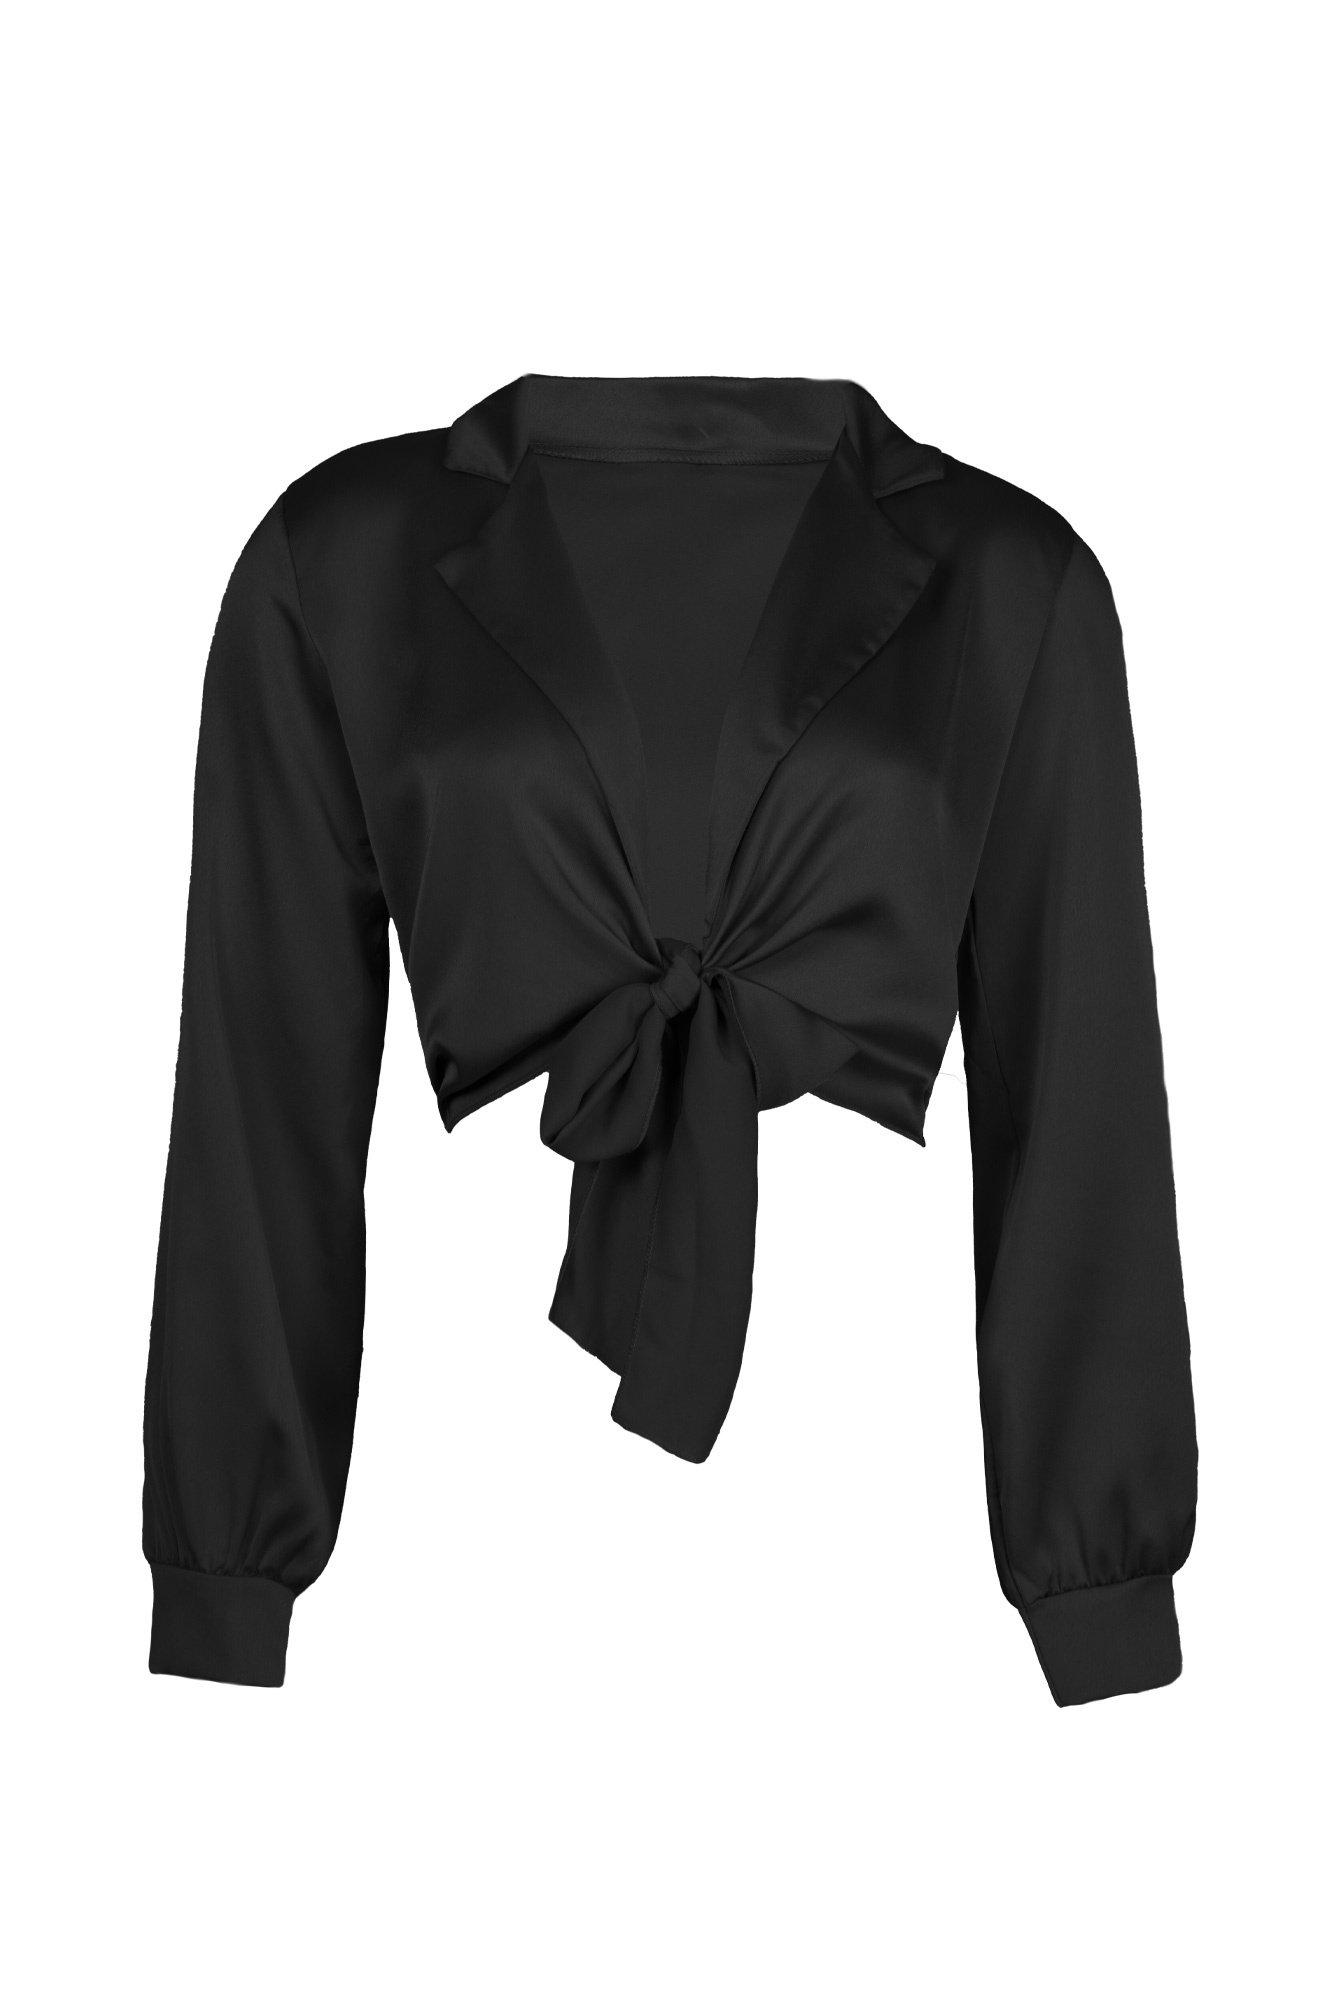 Wrap tie top black